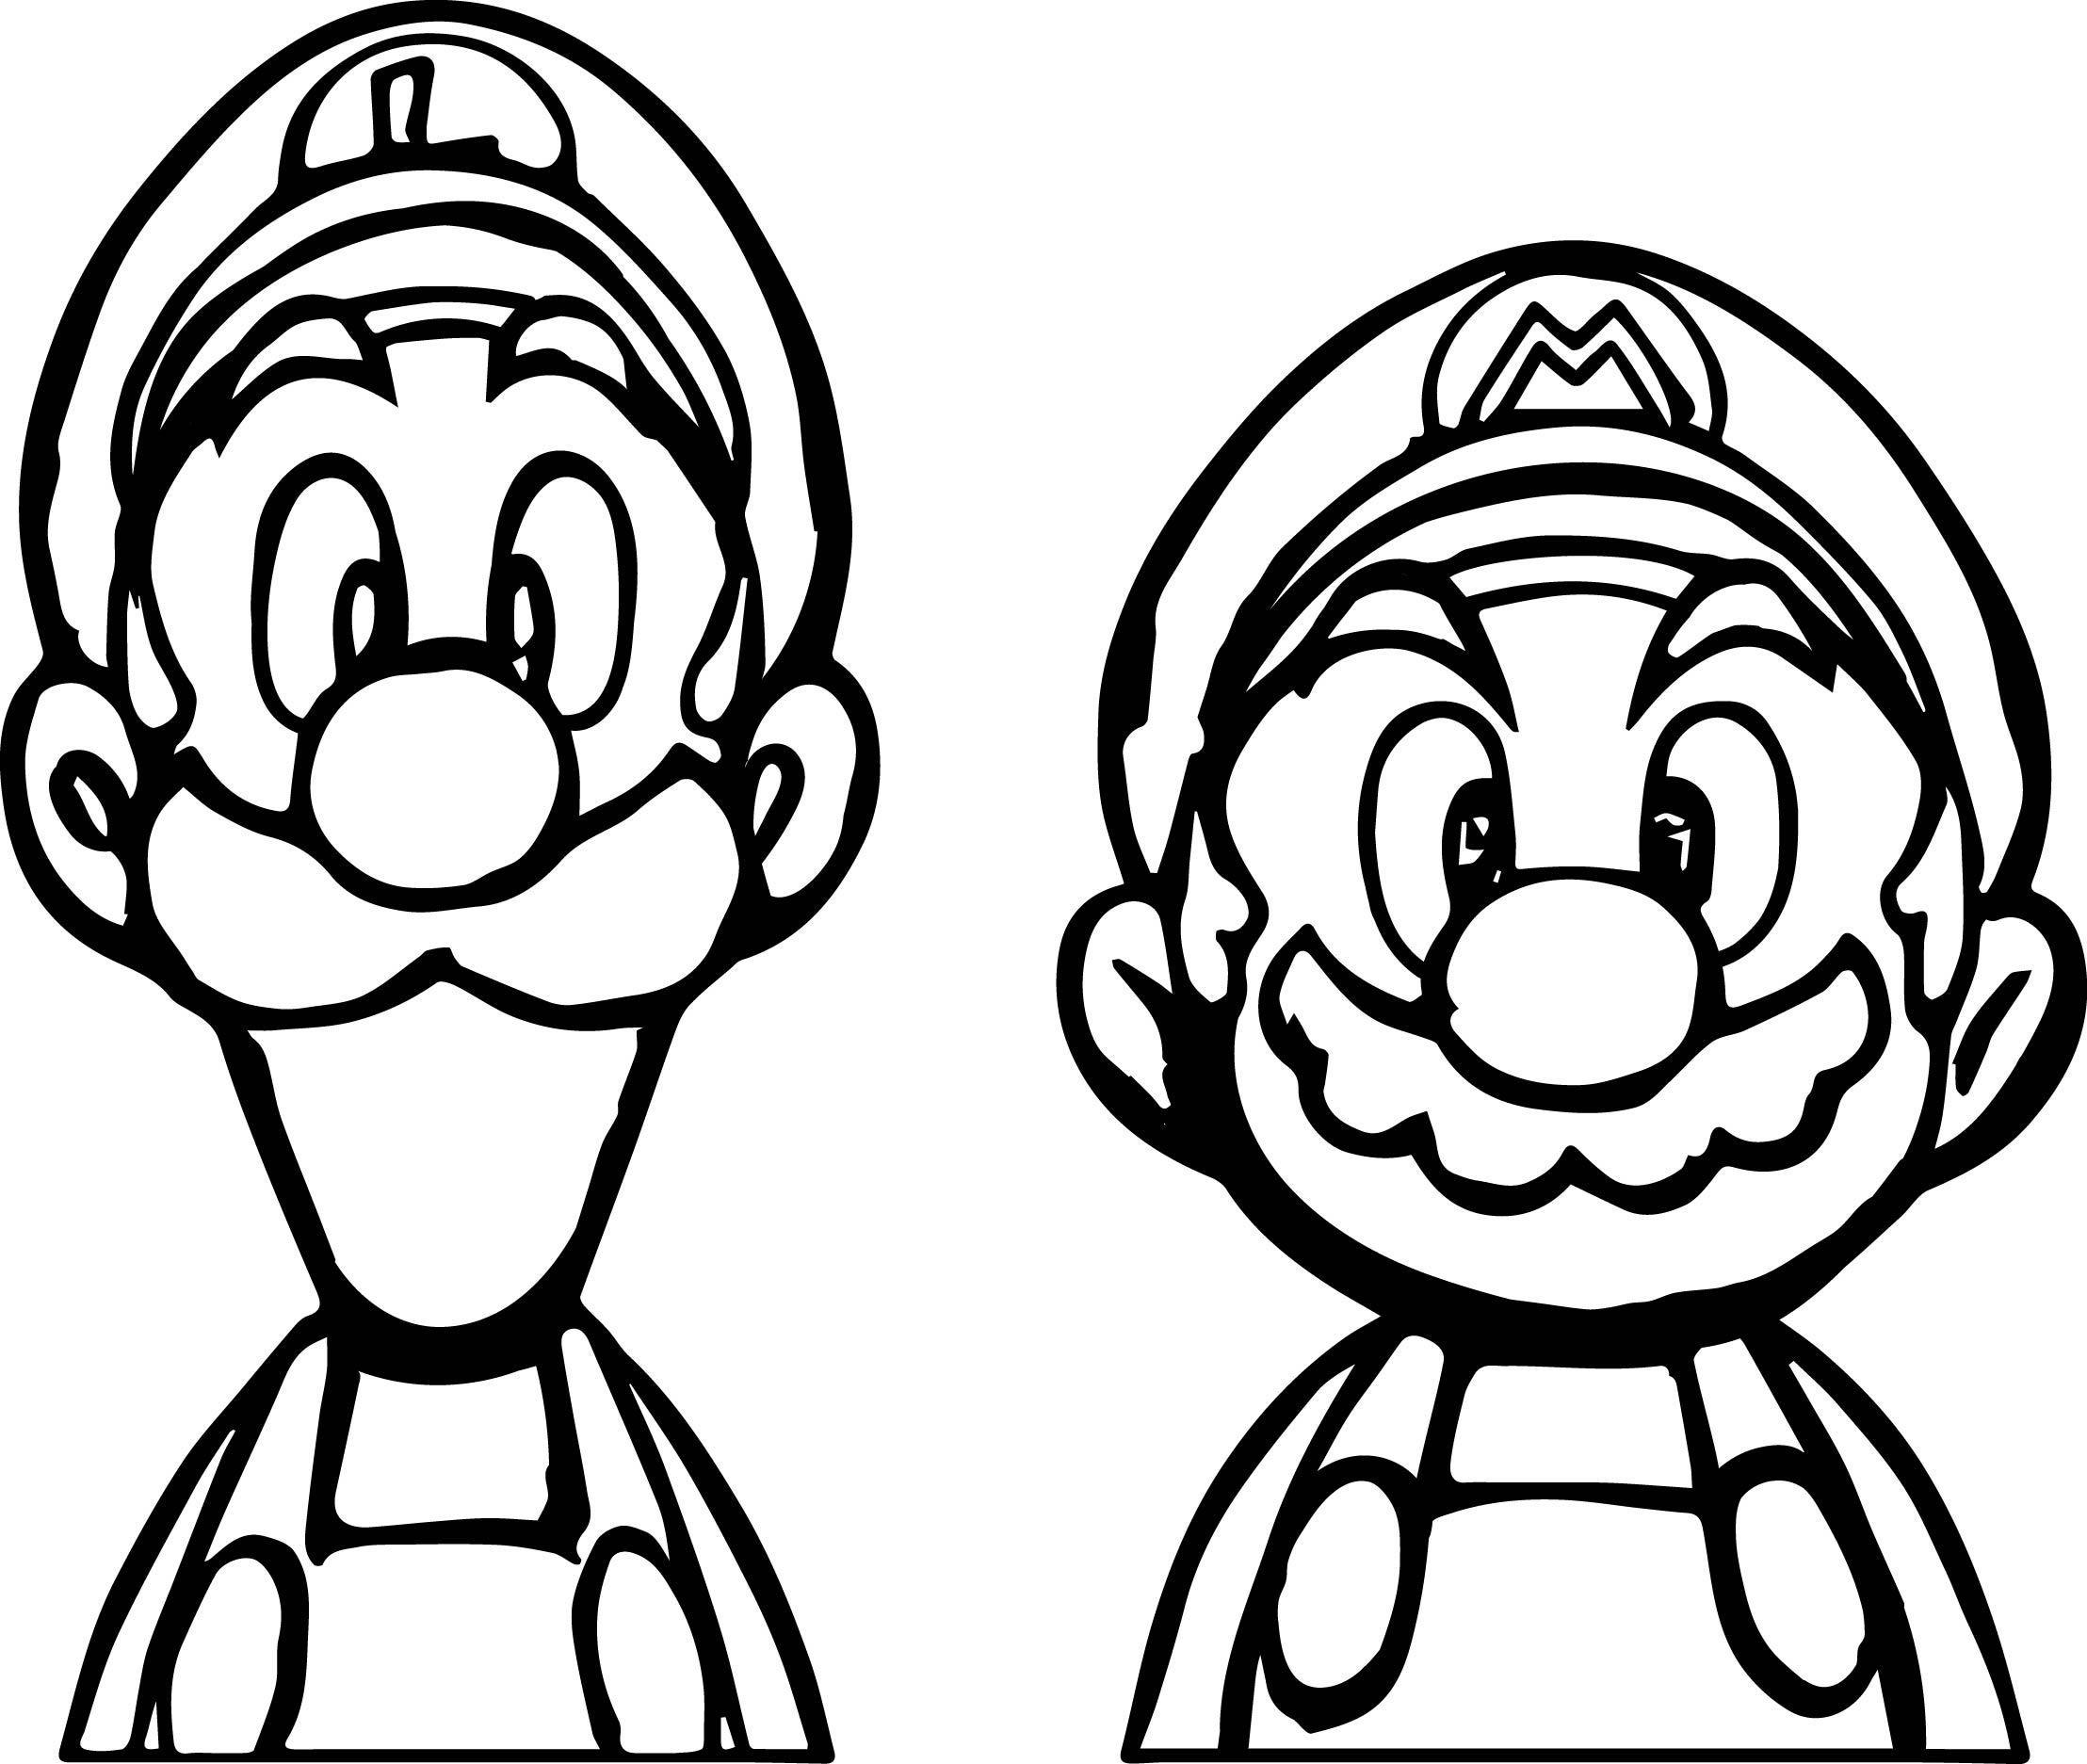 Afbeeldingsresultaat Voor Mario And Luigi Face Coloring Pages Printable Kleurplaten Kleurboek Kleurplaten Voor Kinderen